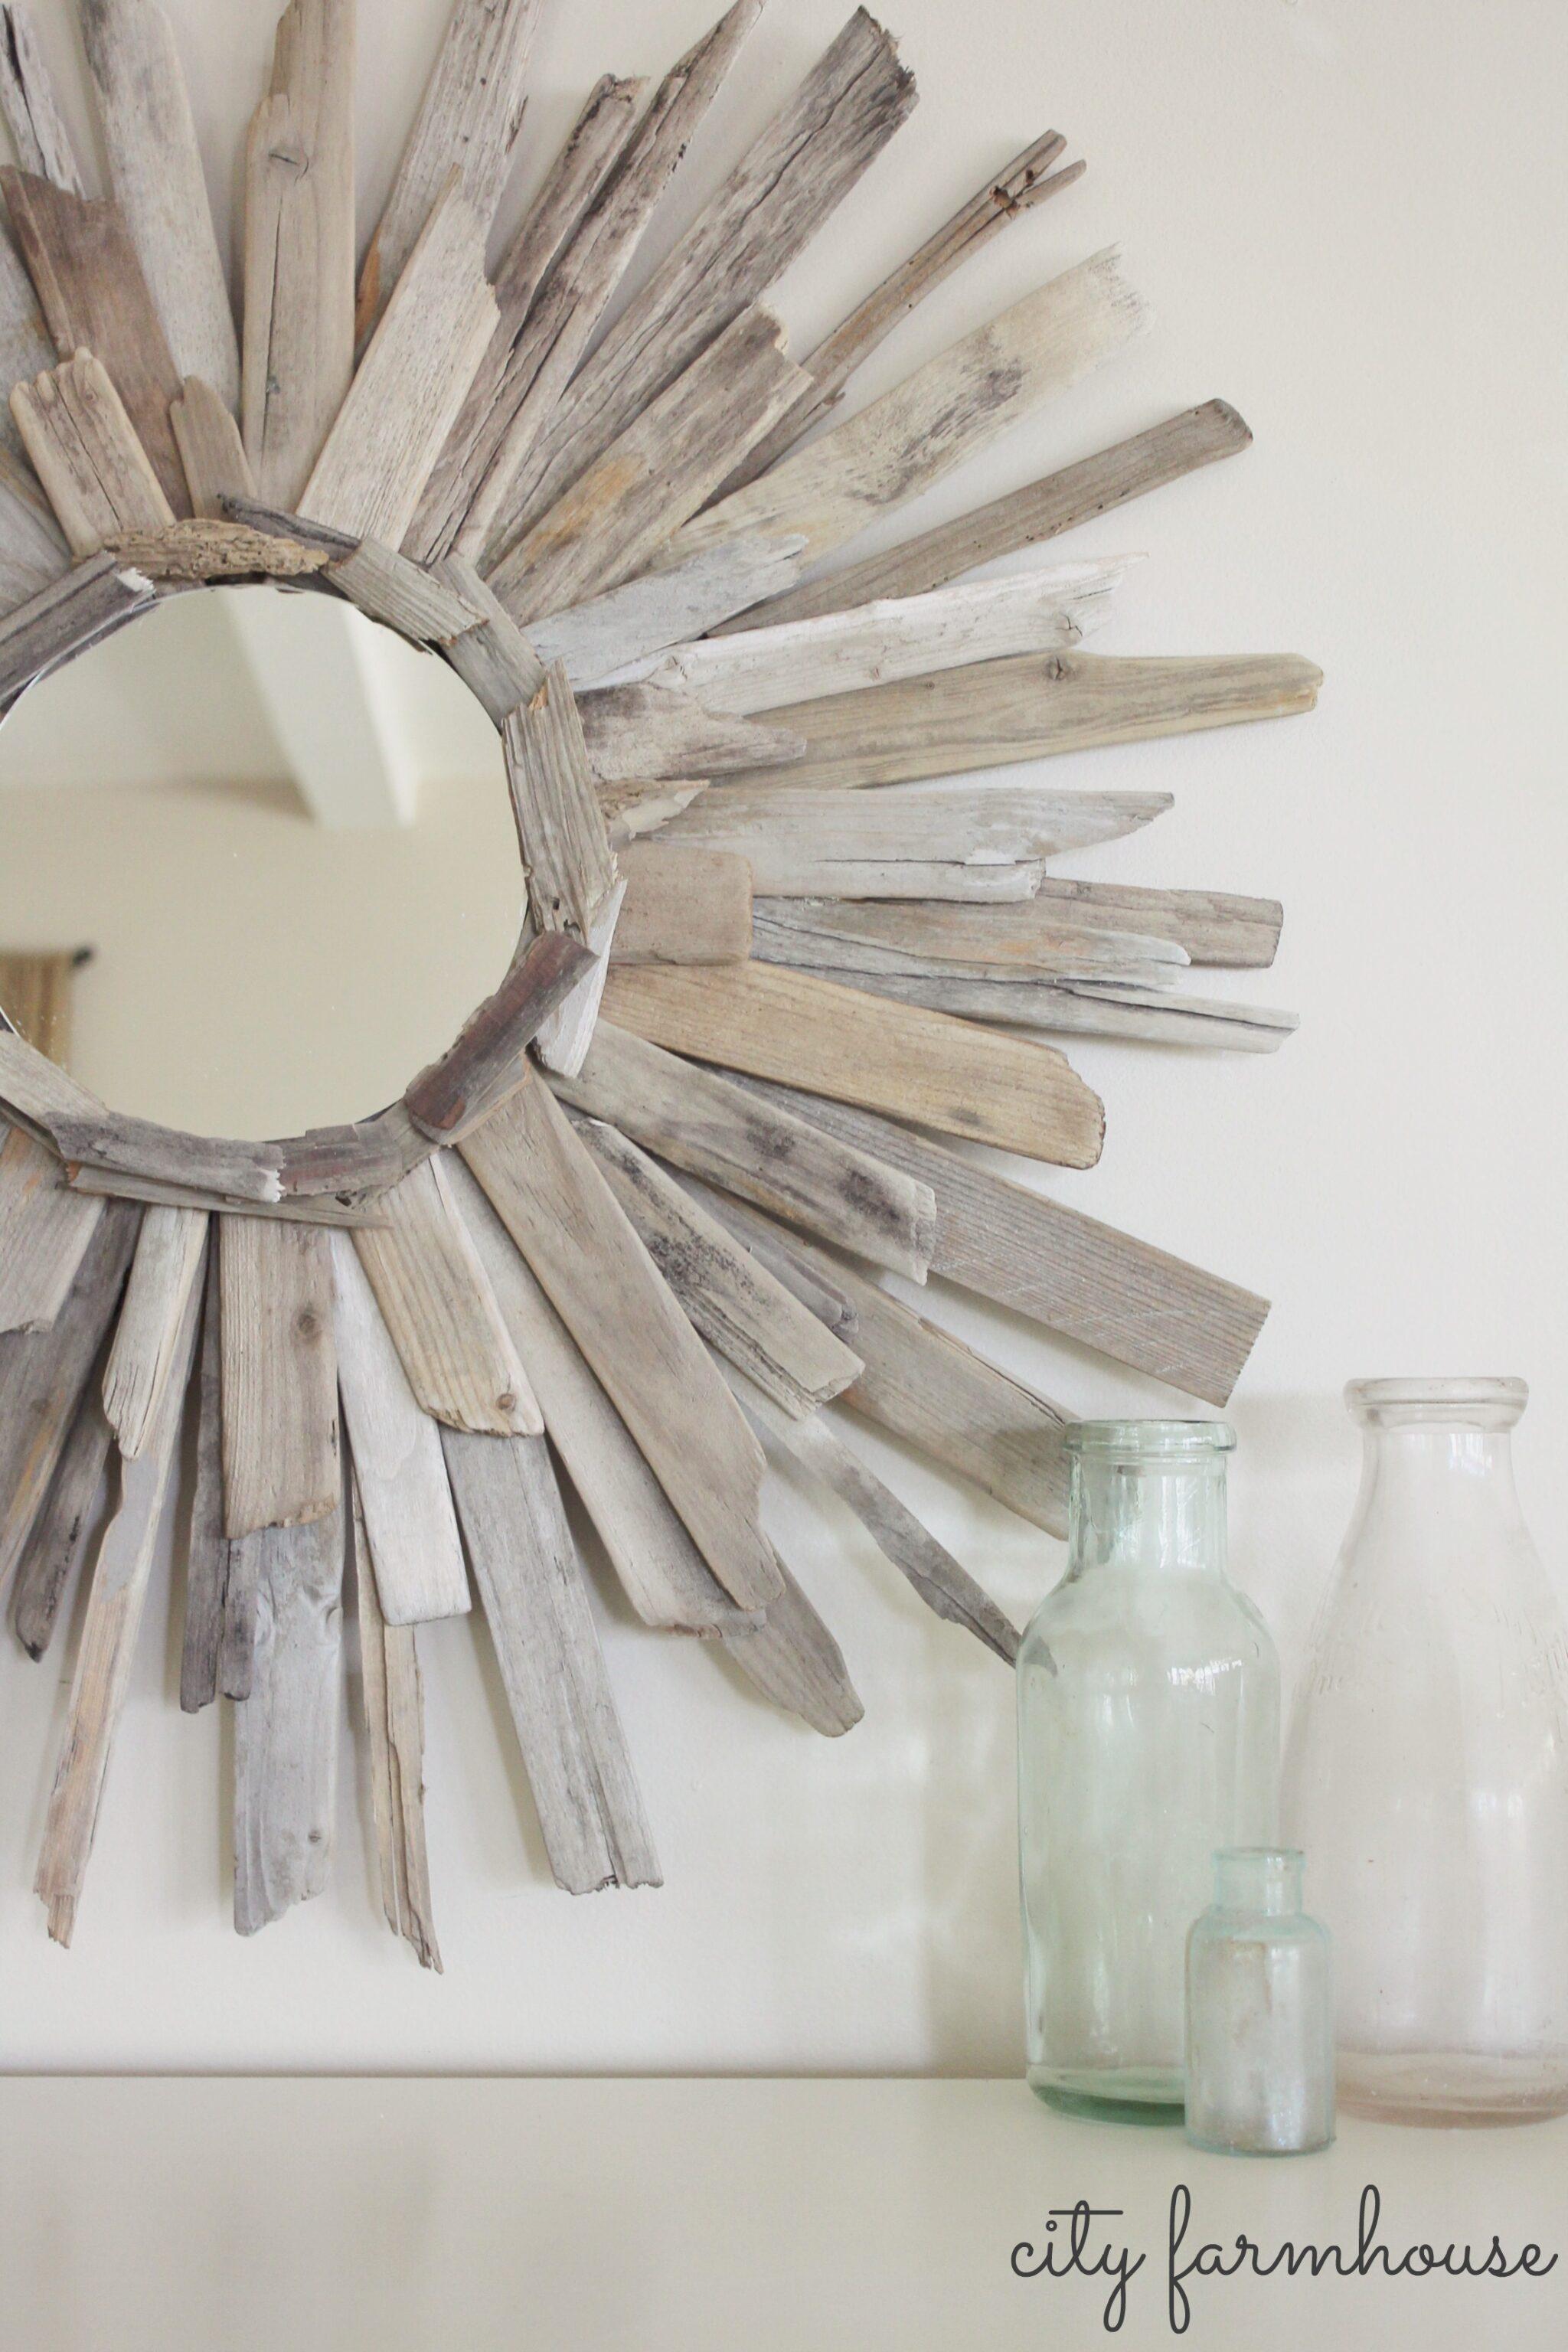 City Farmhouse Diy Thrifty Pretty Driftwood Mirror